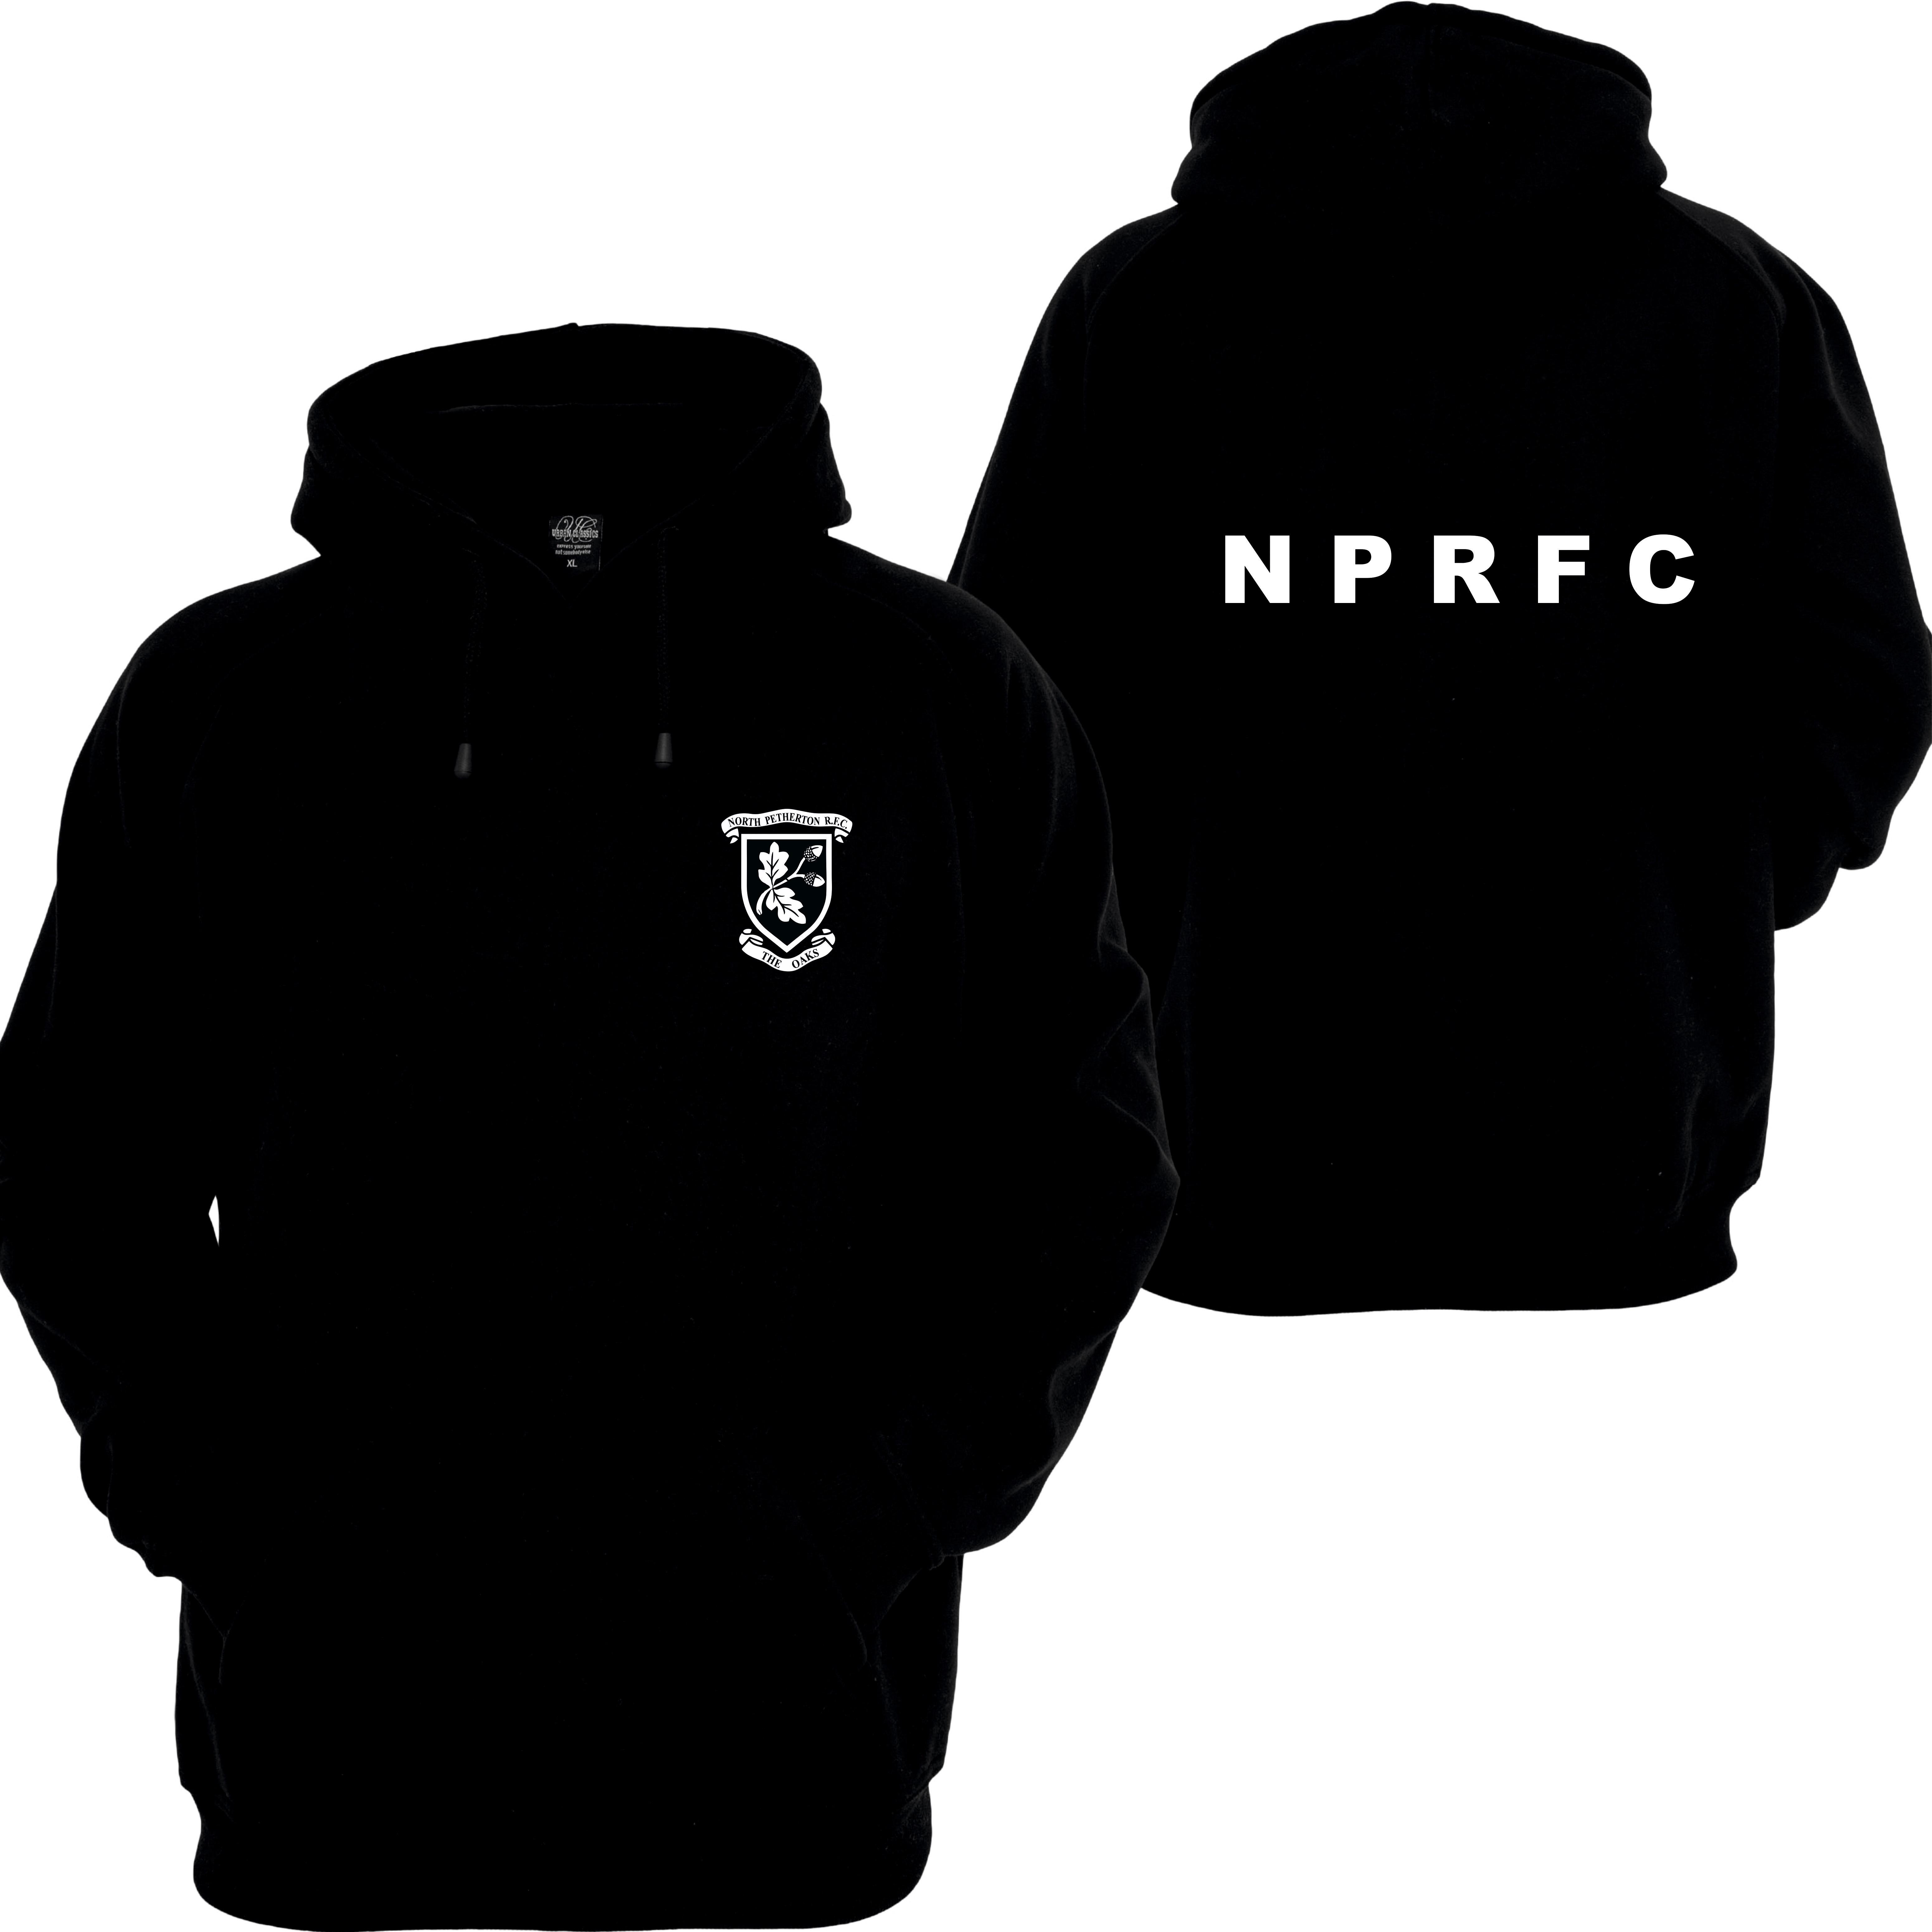 NPRFC HOODY